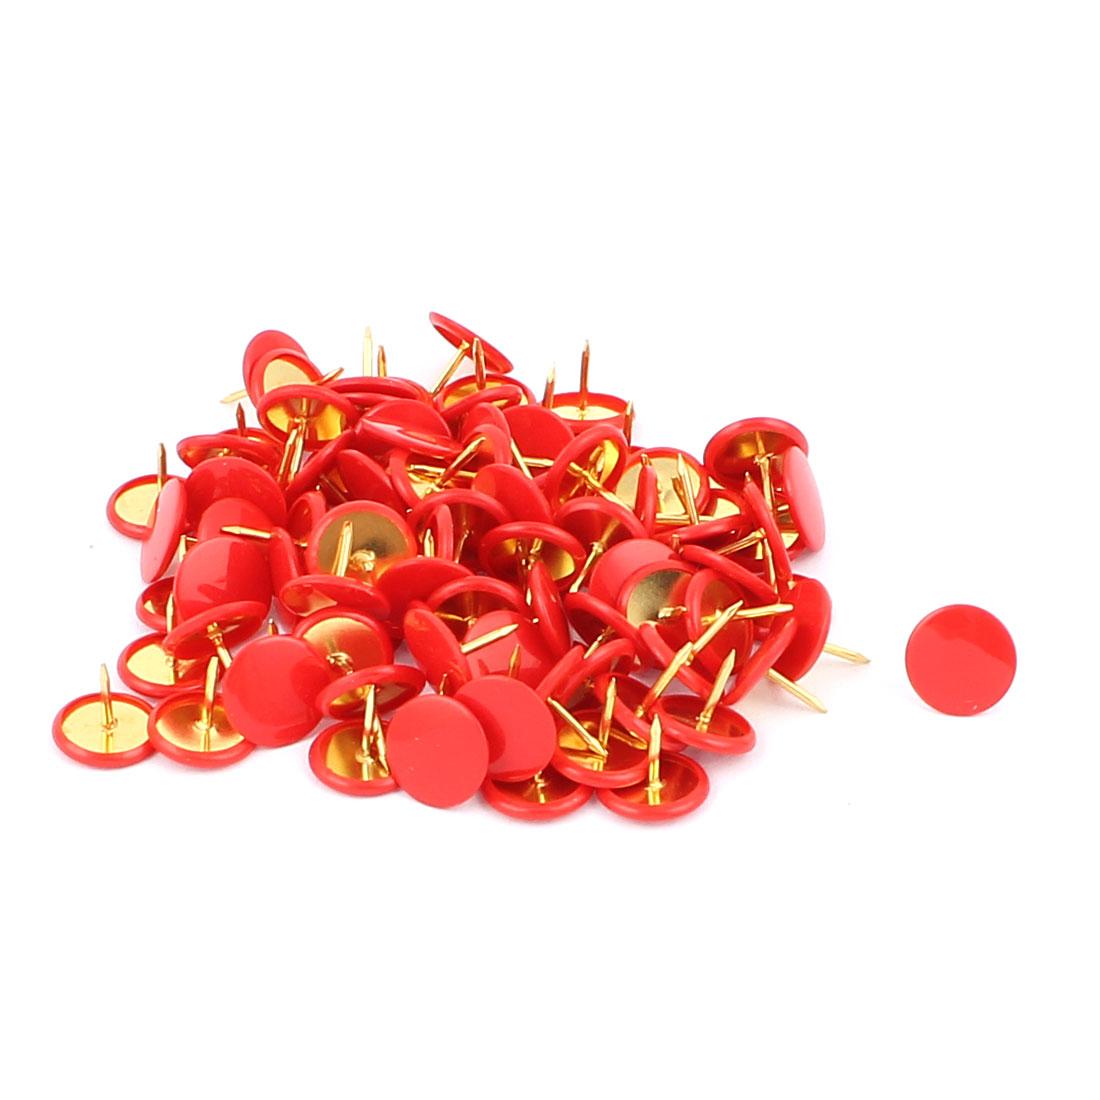 100pcs Red Plastic Coated Round Cap Thumb Tacks Thumbtacks Drawing Map Push Pins